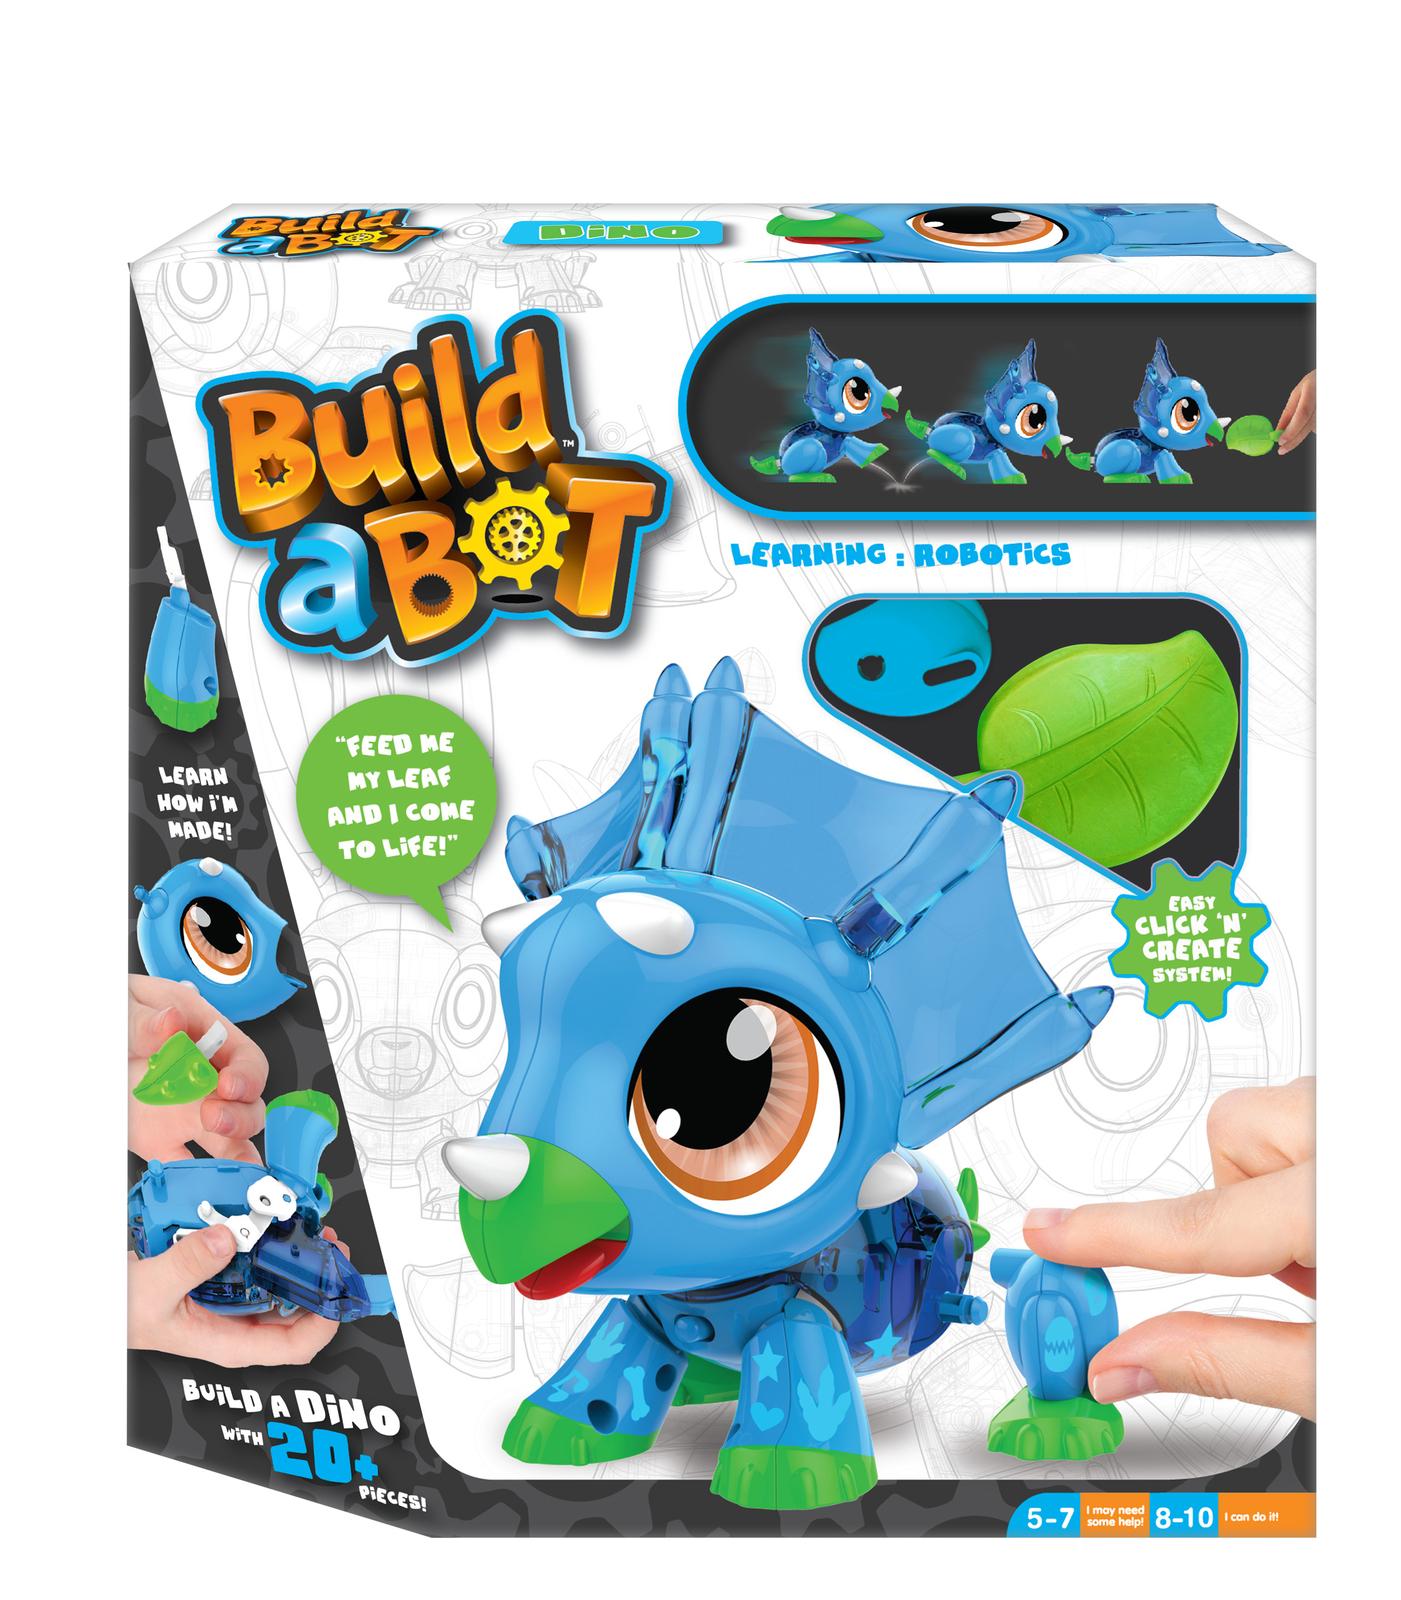 Build-a-bot: Robot Pet - Dino image